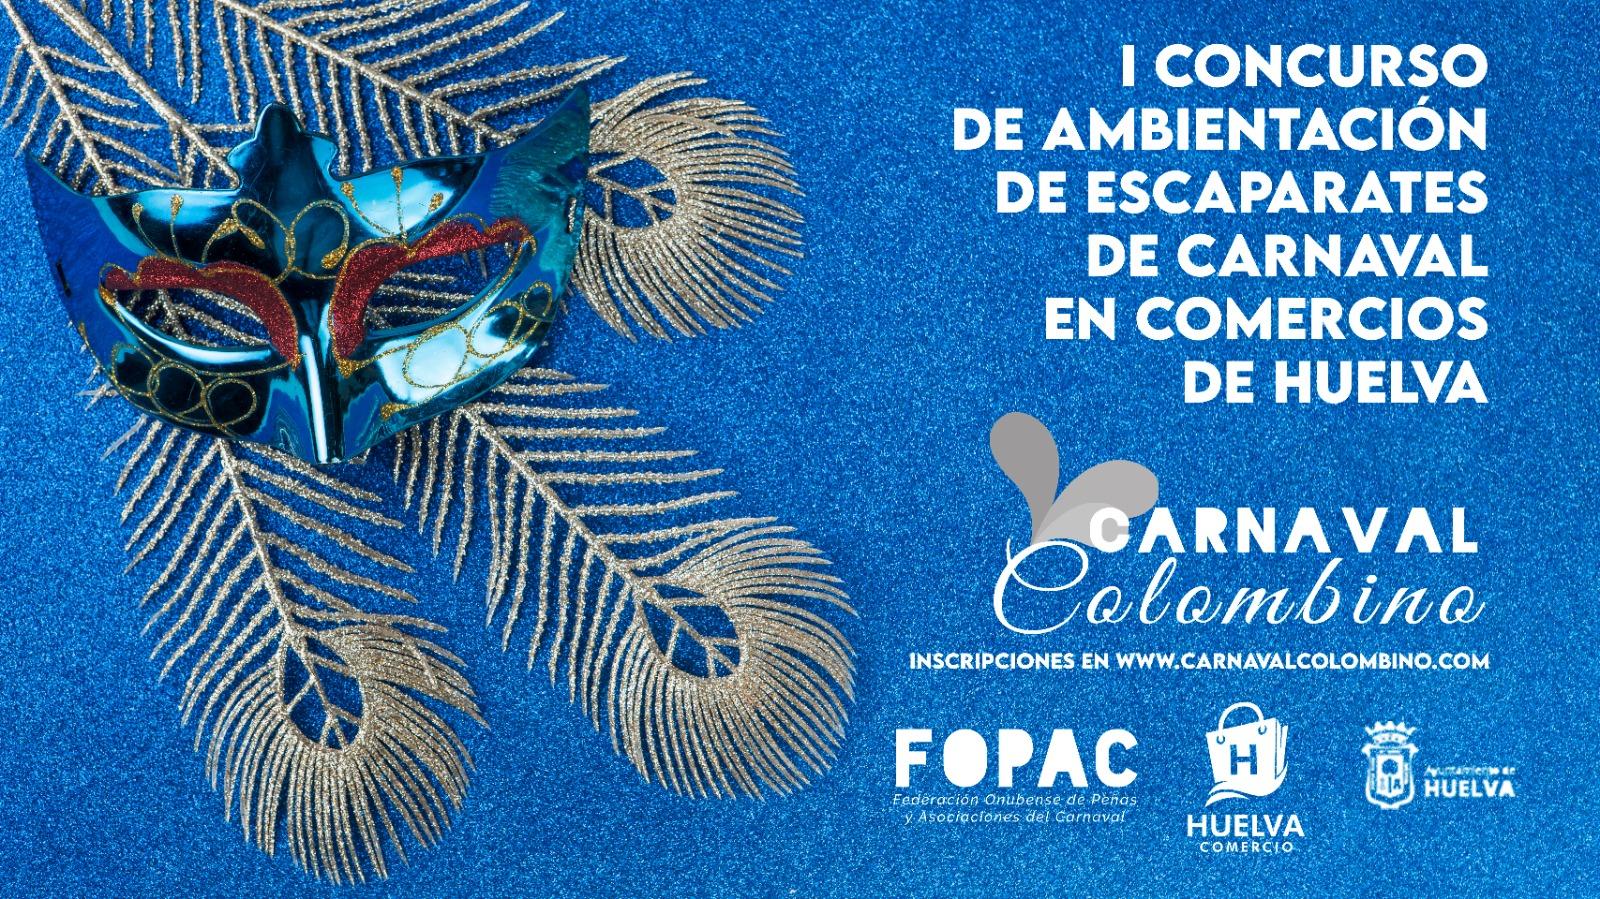 El Carnaval Colombino quiere tener presencia en la calle este año y lanza un concurso de escaparates en comercios